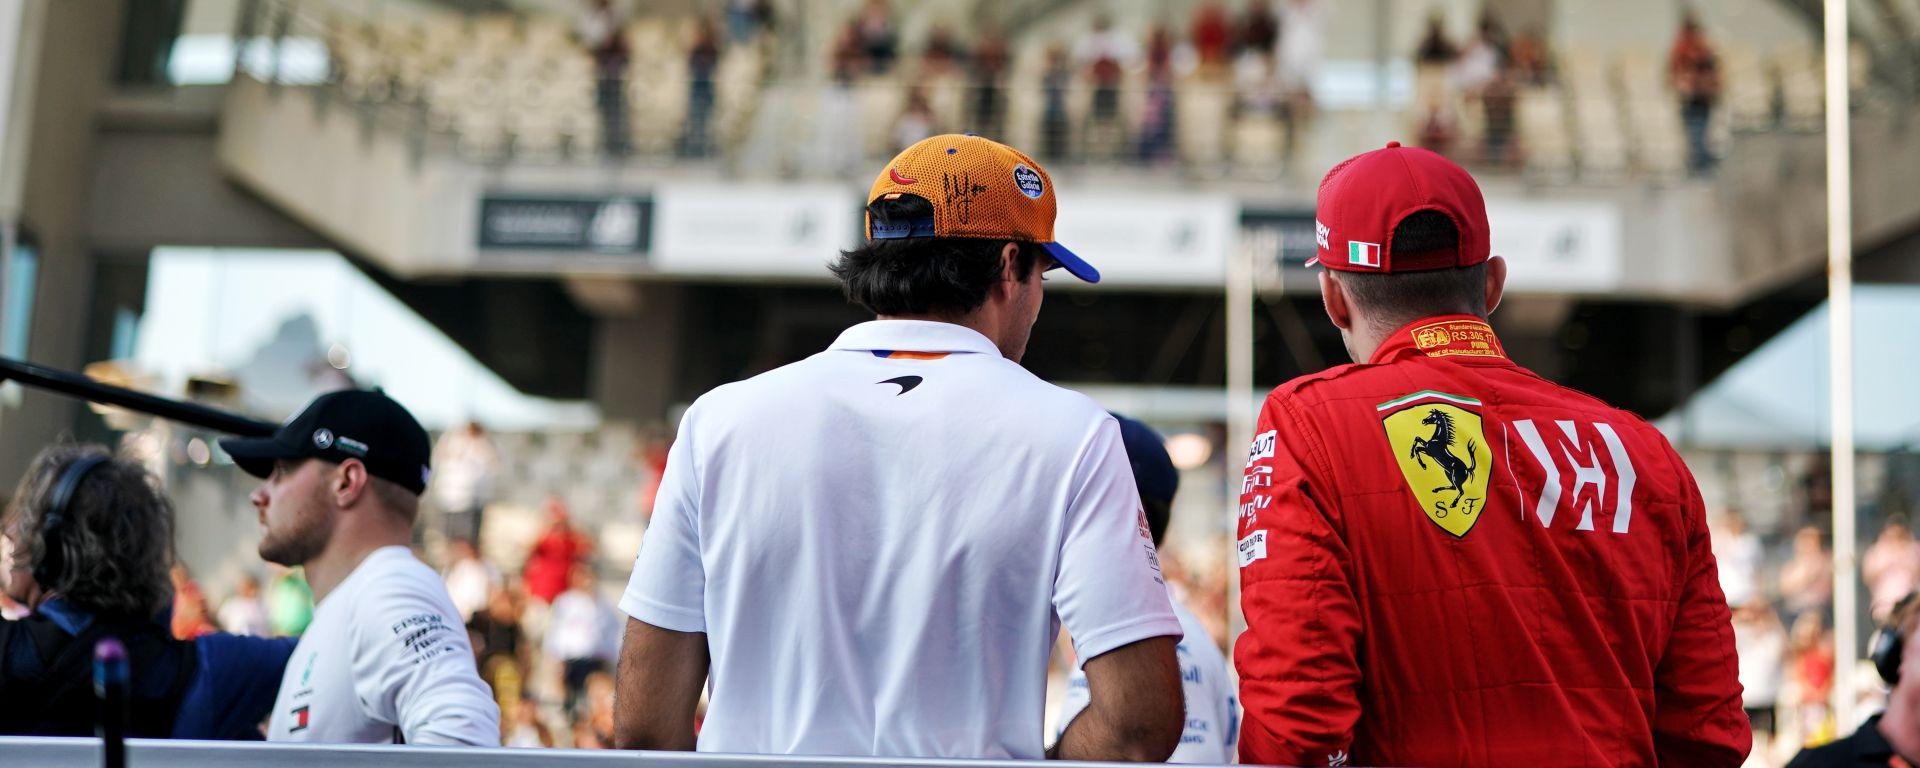 F1 2019: Carlos Sainz (McLaren) e Charles Leclerc (Ferrari)